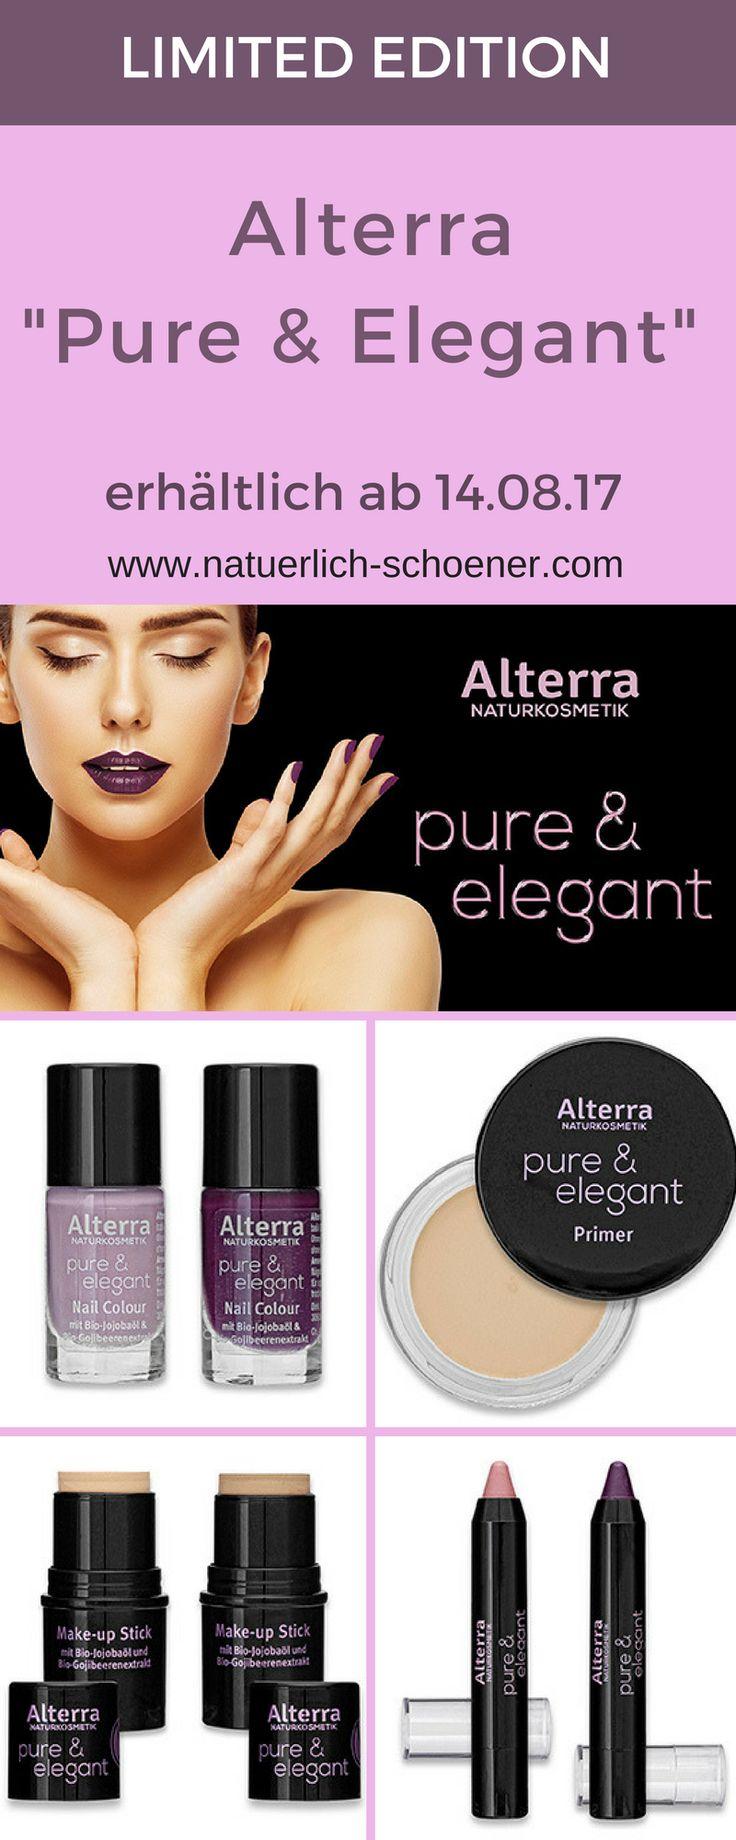 Ab 14.08.17 gibt es bei Rossmann eine neue Limited Edition: Alterra Pure & Elegant mit Nagellack, Lippenstift, Primer usw. #Naturkosmetik #Alterra